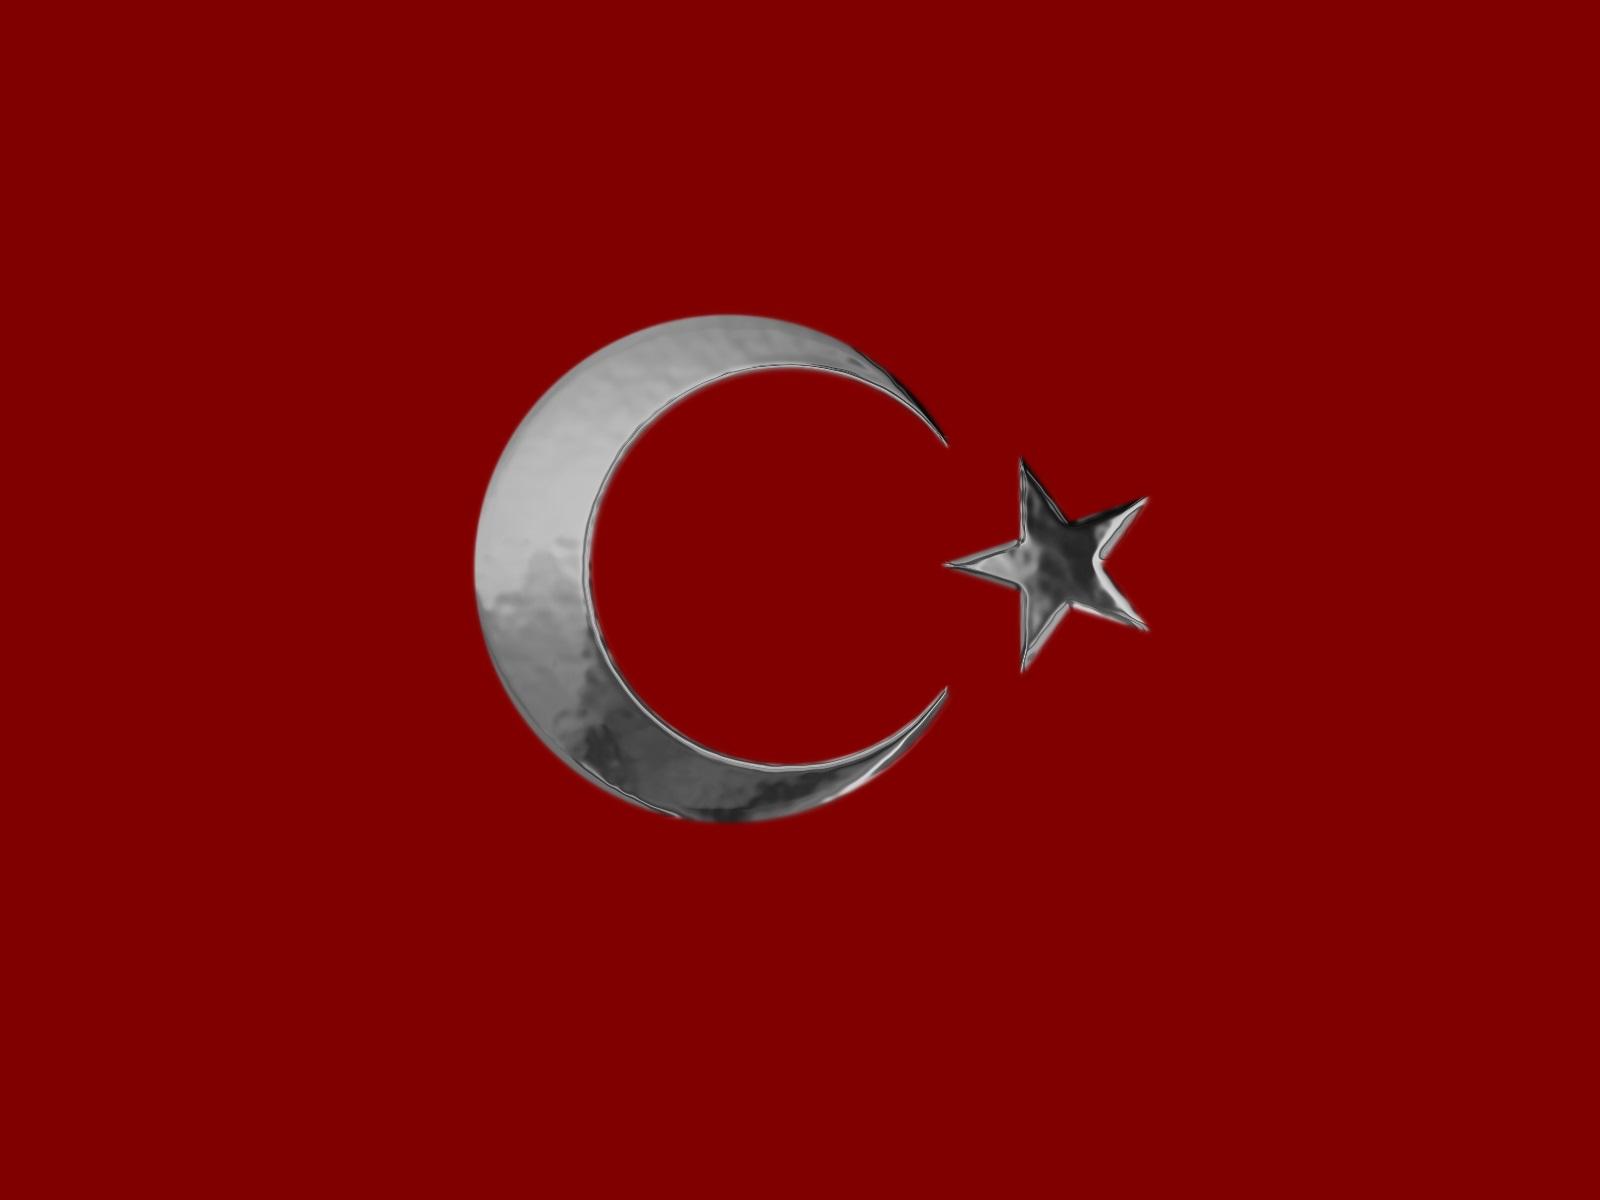 Giresun Bayrak İmalatı ve Bayrak Üretimi